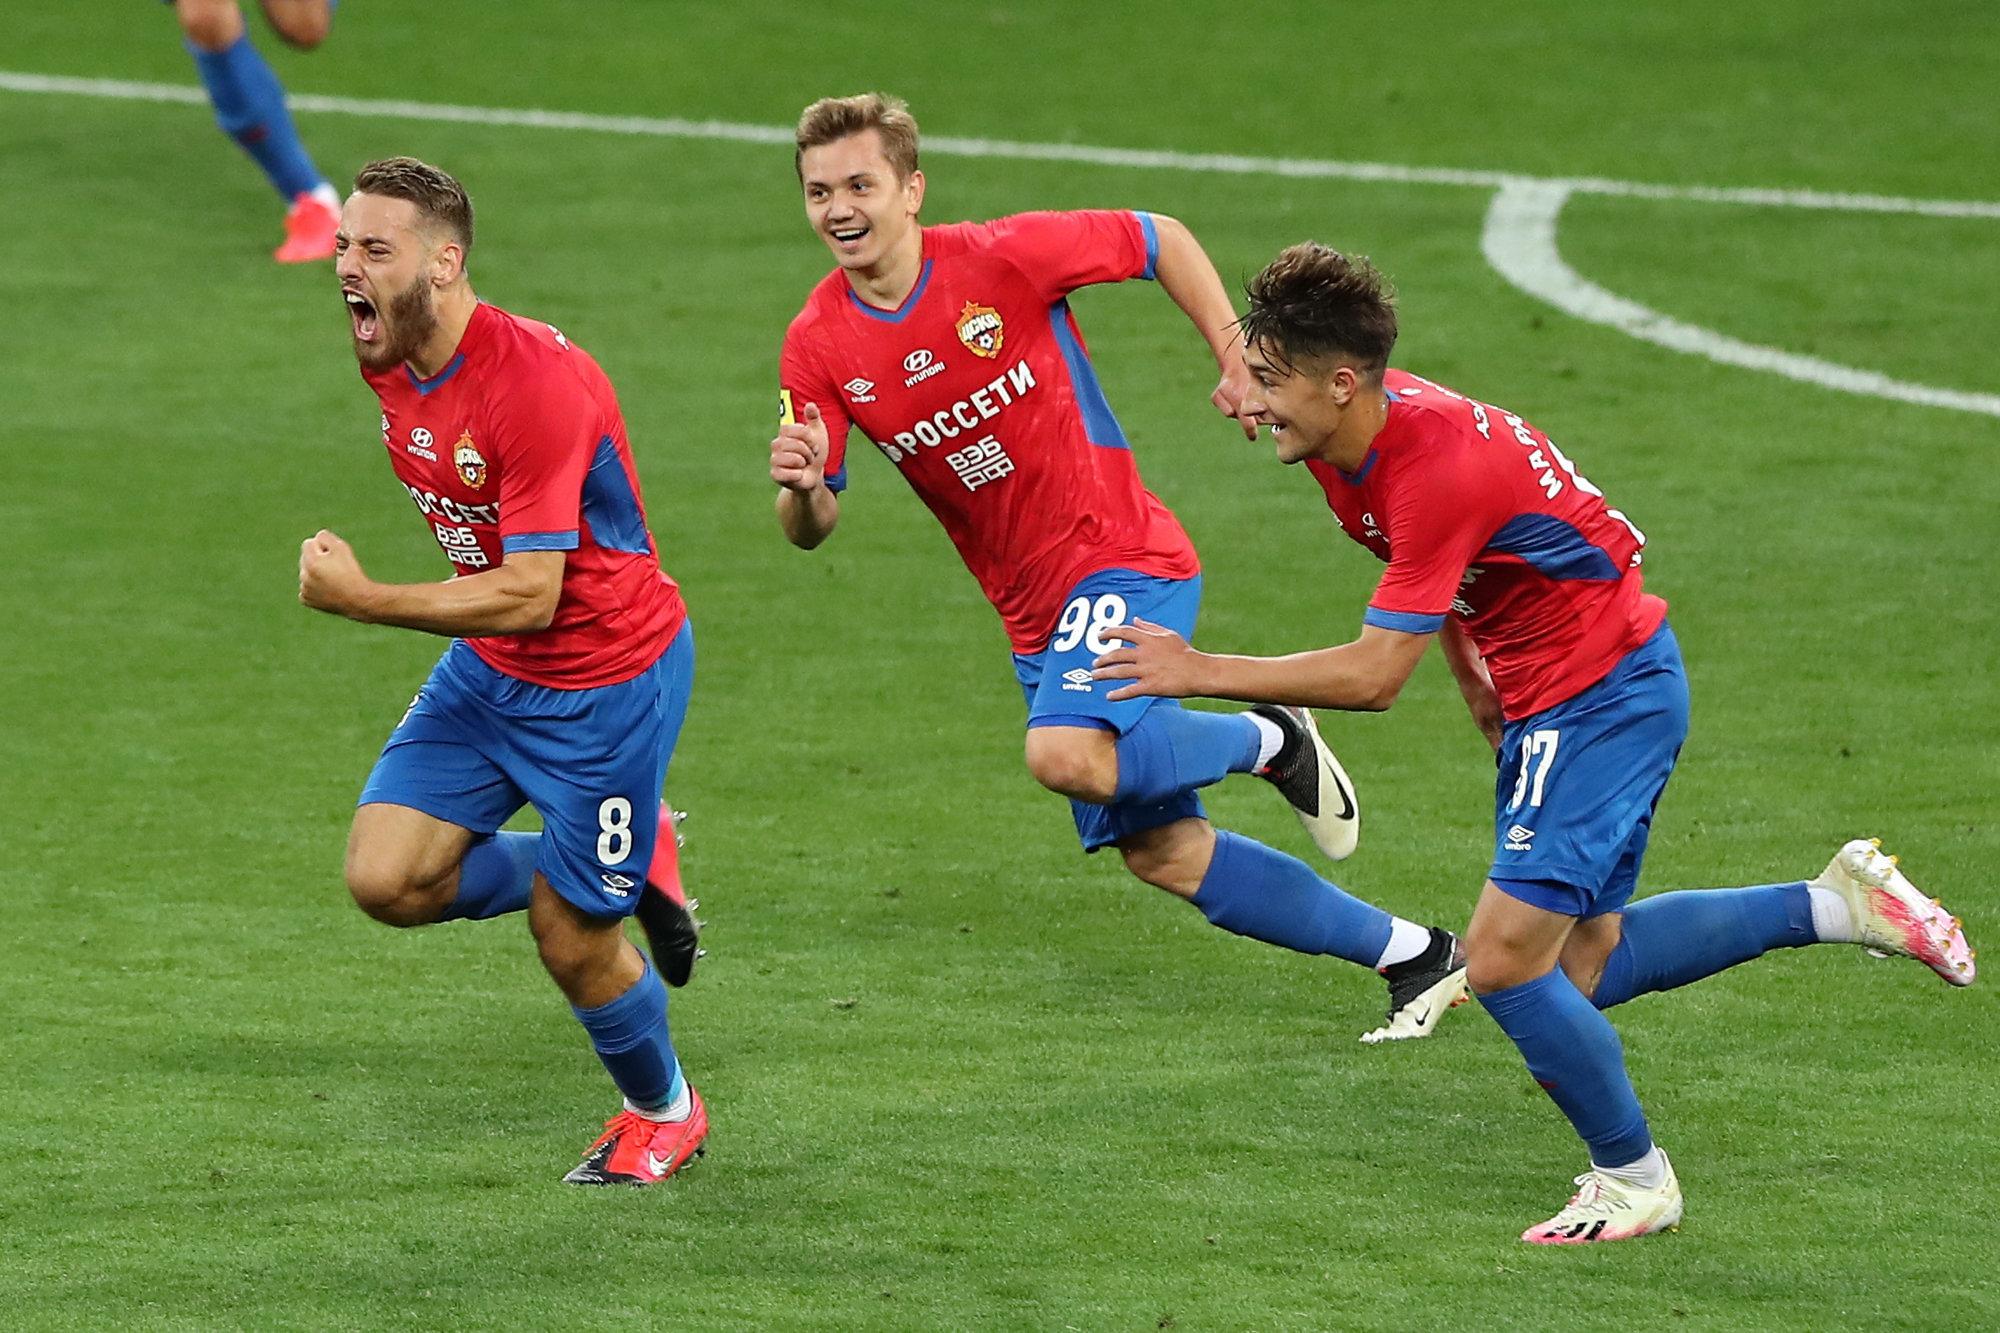 Армеец Влашич с помощью Чалова забил лучший гол 27-го тура!